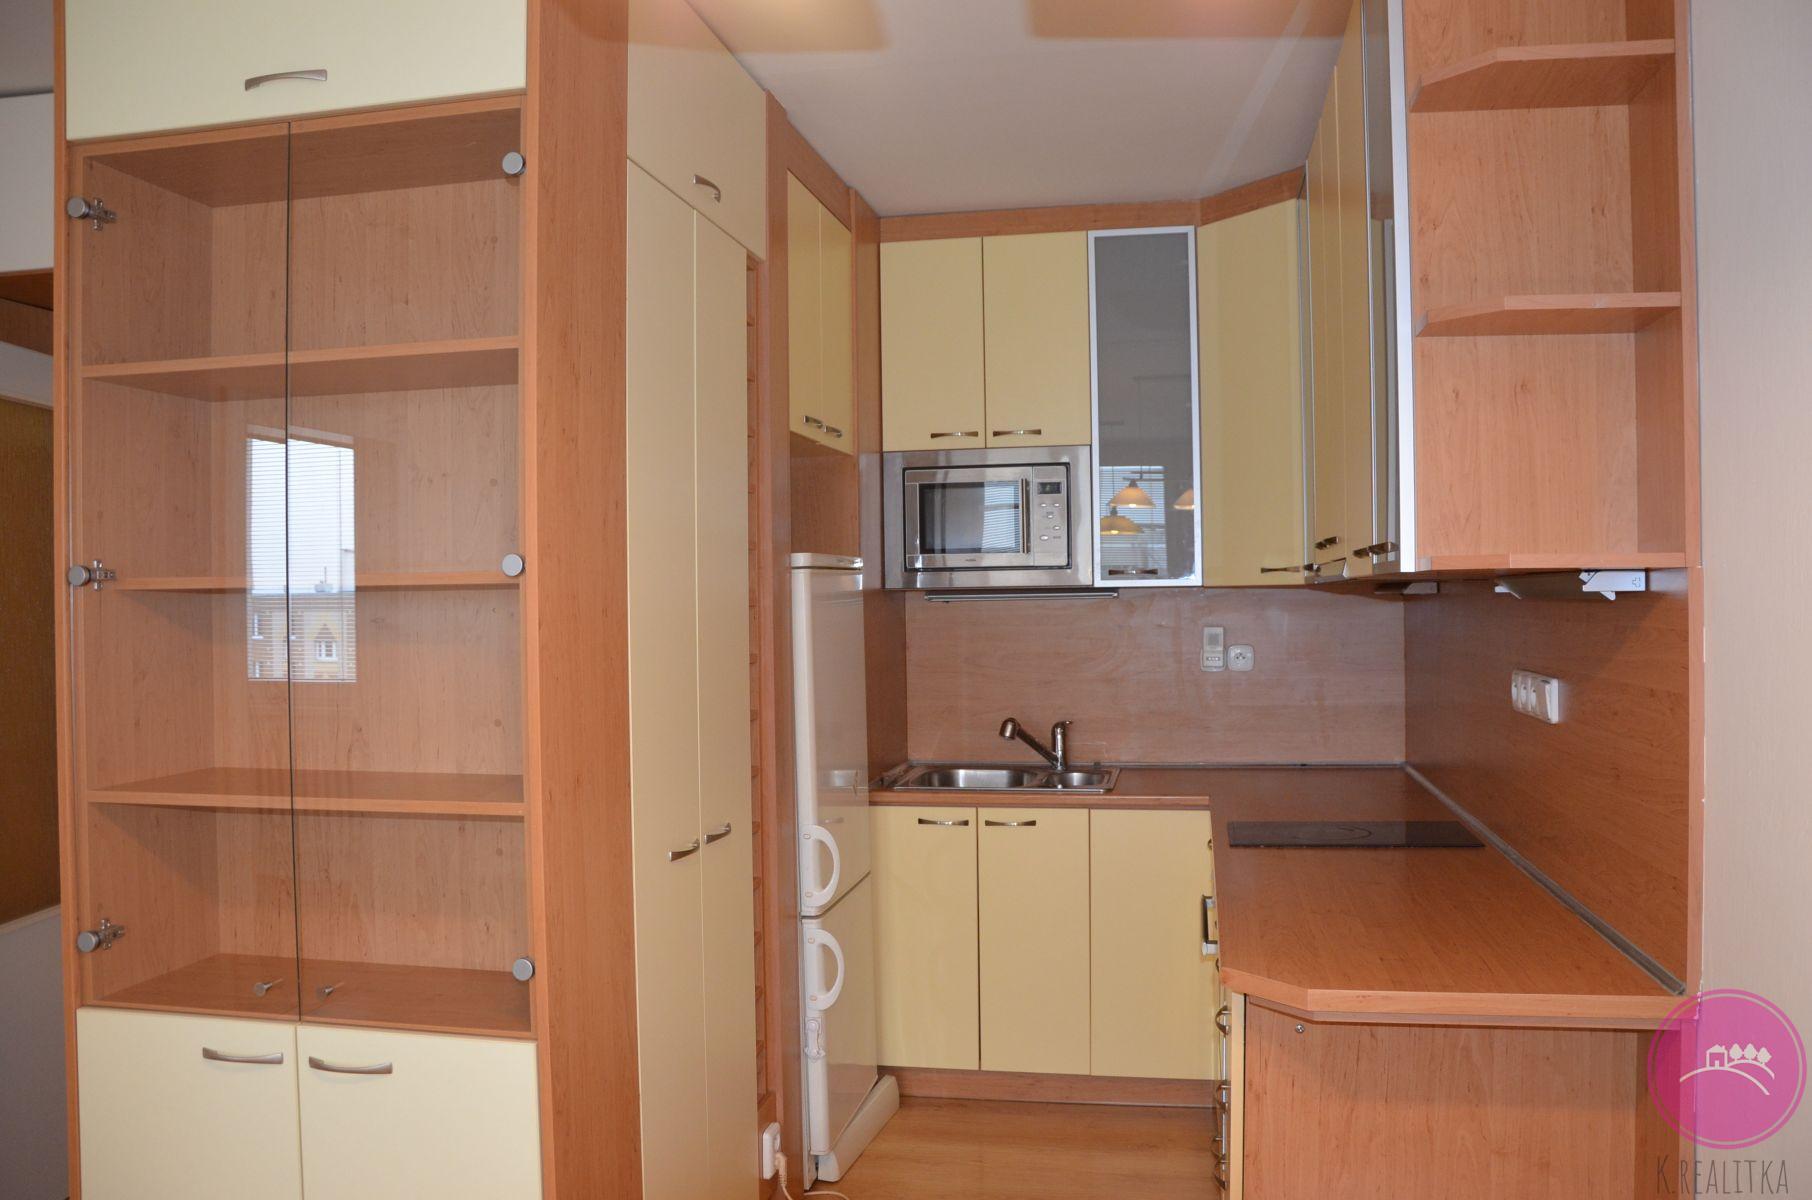 Pronájem bytu 2+kk s balkonem v Olomouci